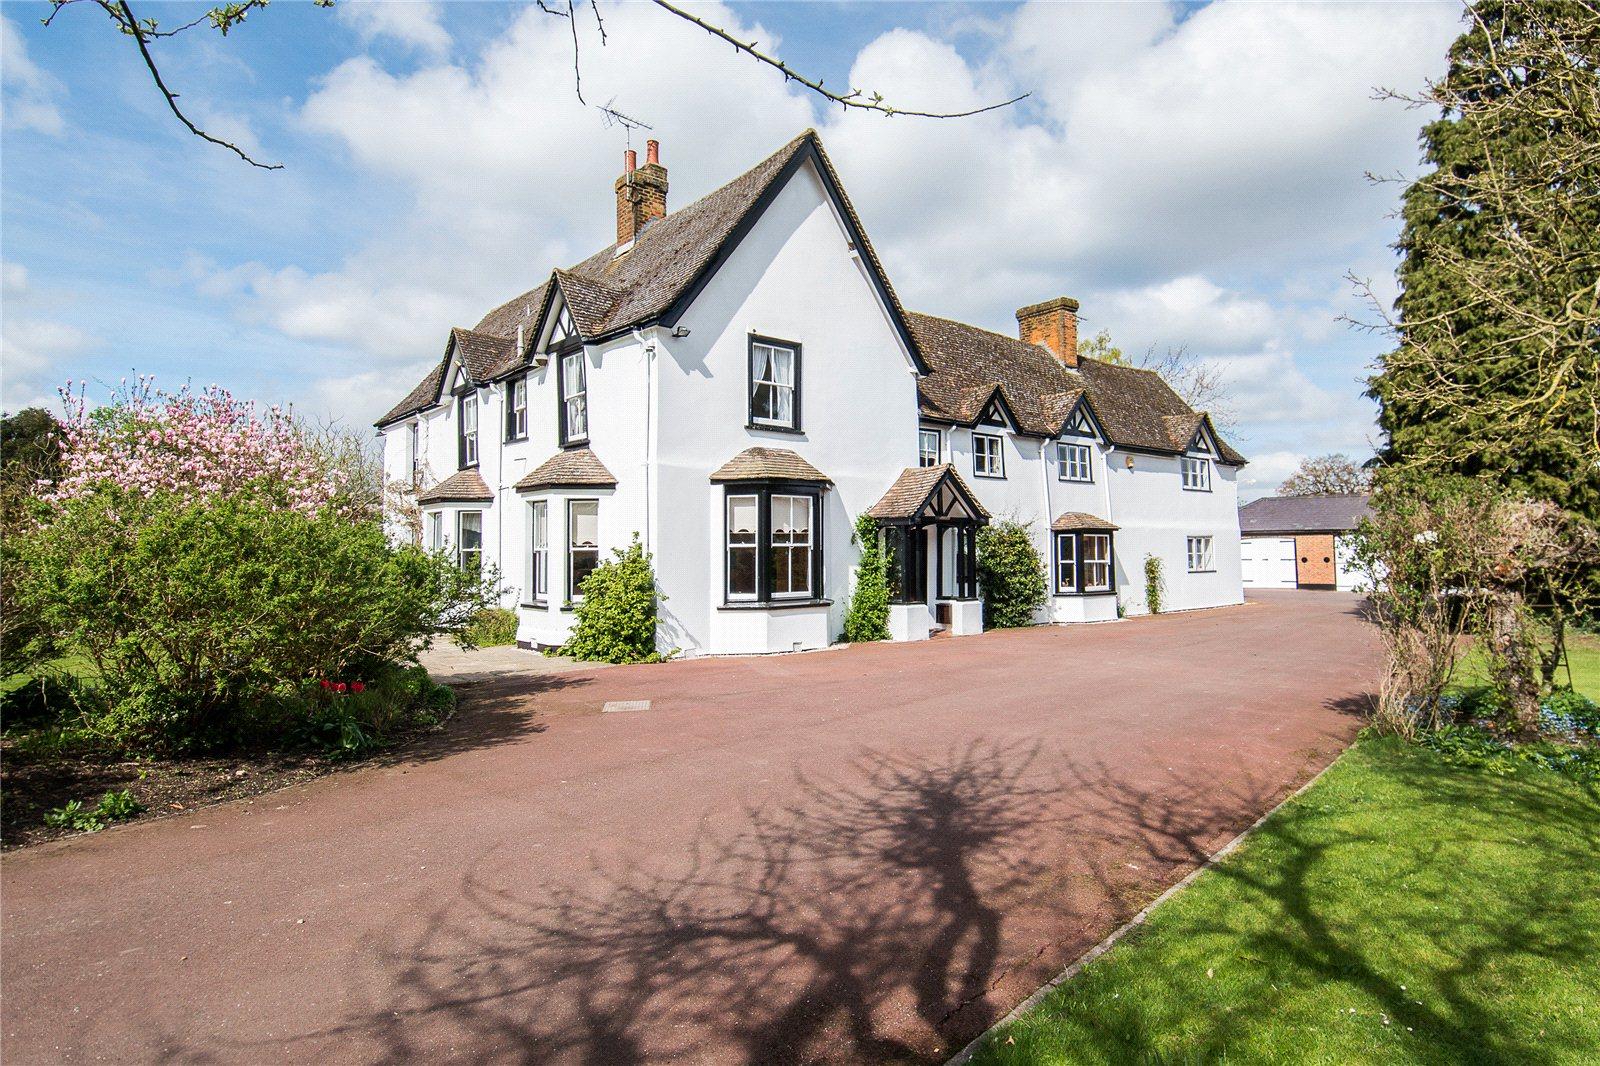 단독 가정 주택 용 매매 에 Park Lane, Old Knebworth, Knebworth, Hertfordshire, SG3 Knebworth, 영국